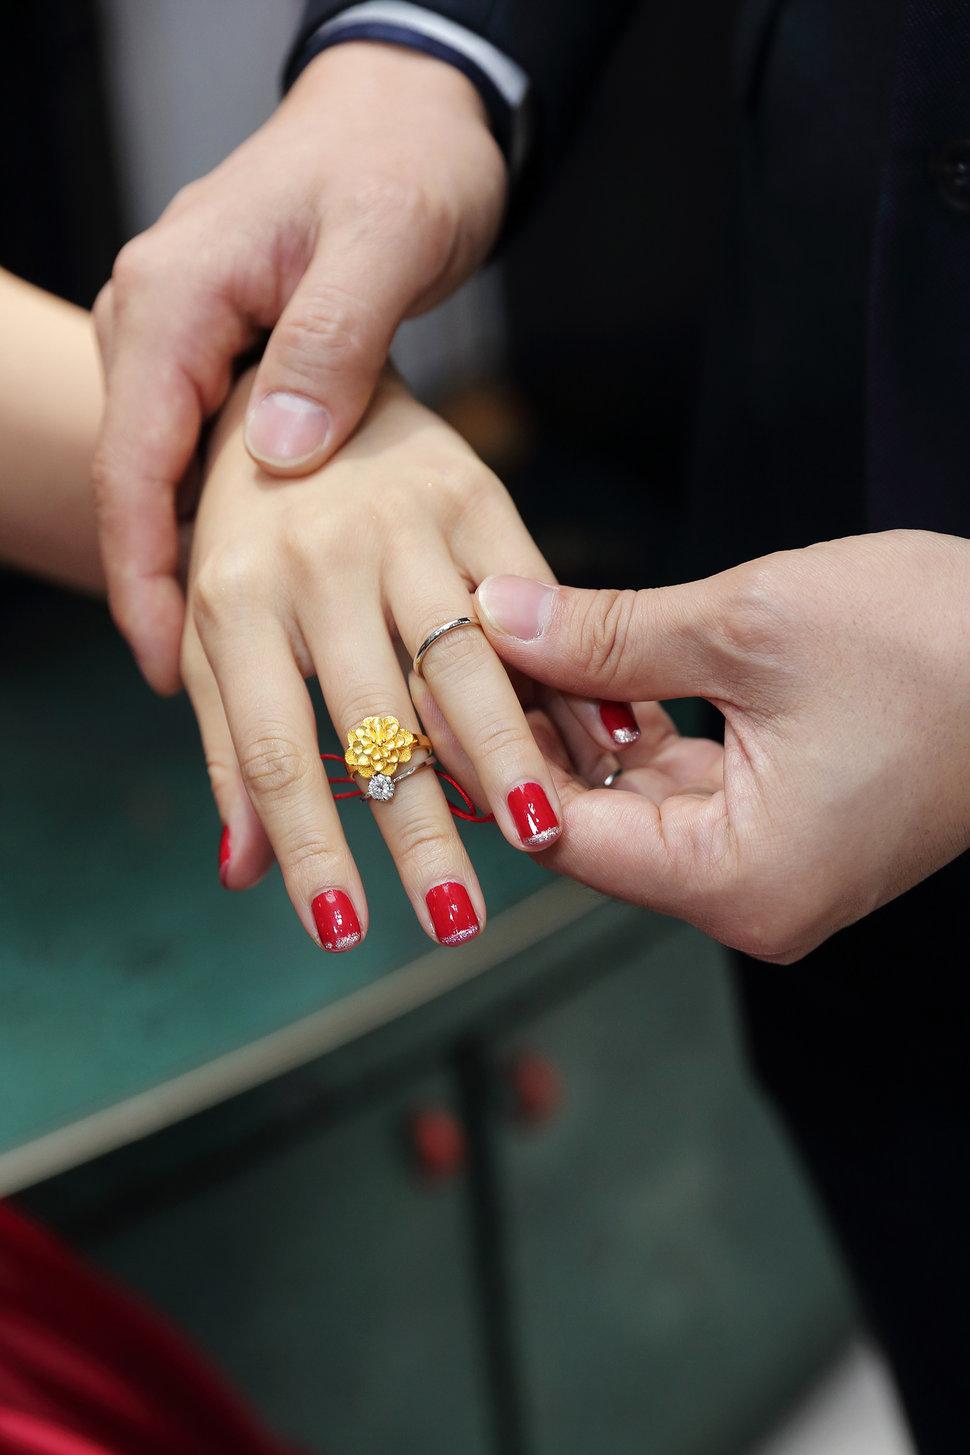 058A1108 - 倪秉影像 婚禮紀實攝影 - 結婚吧